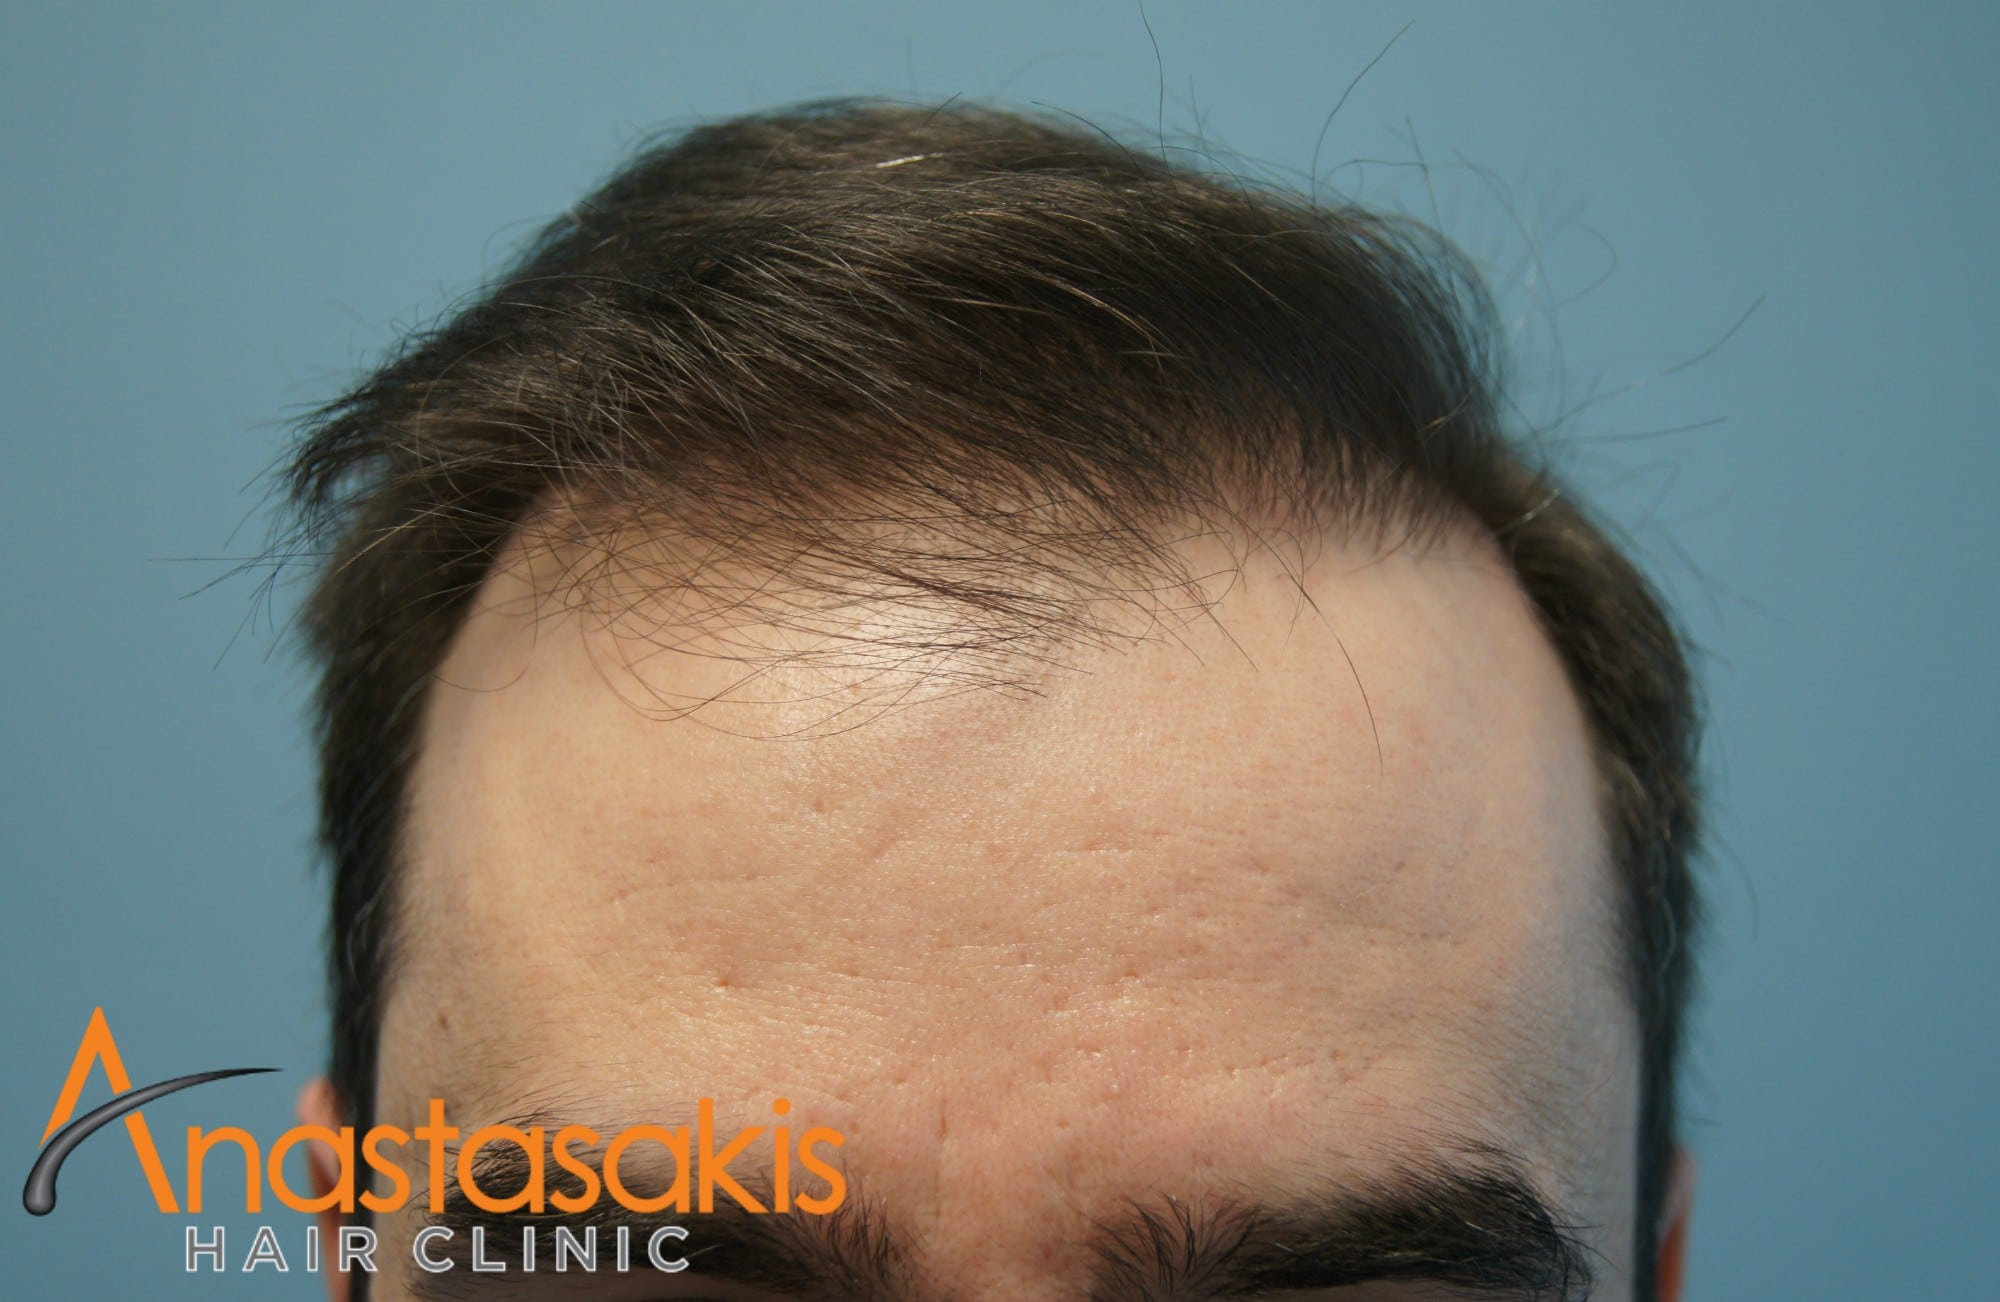 ανφας ασθενους μετα τη μεταμοσχευση μαλλιων με 2500fus